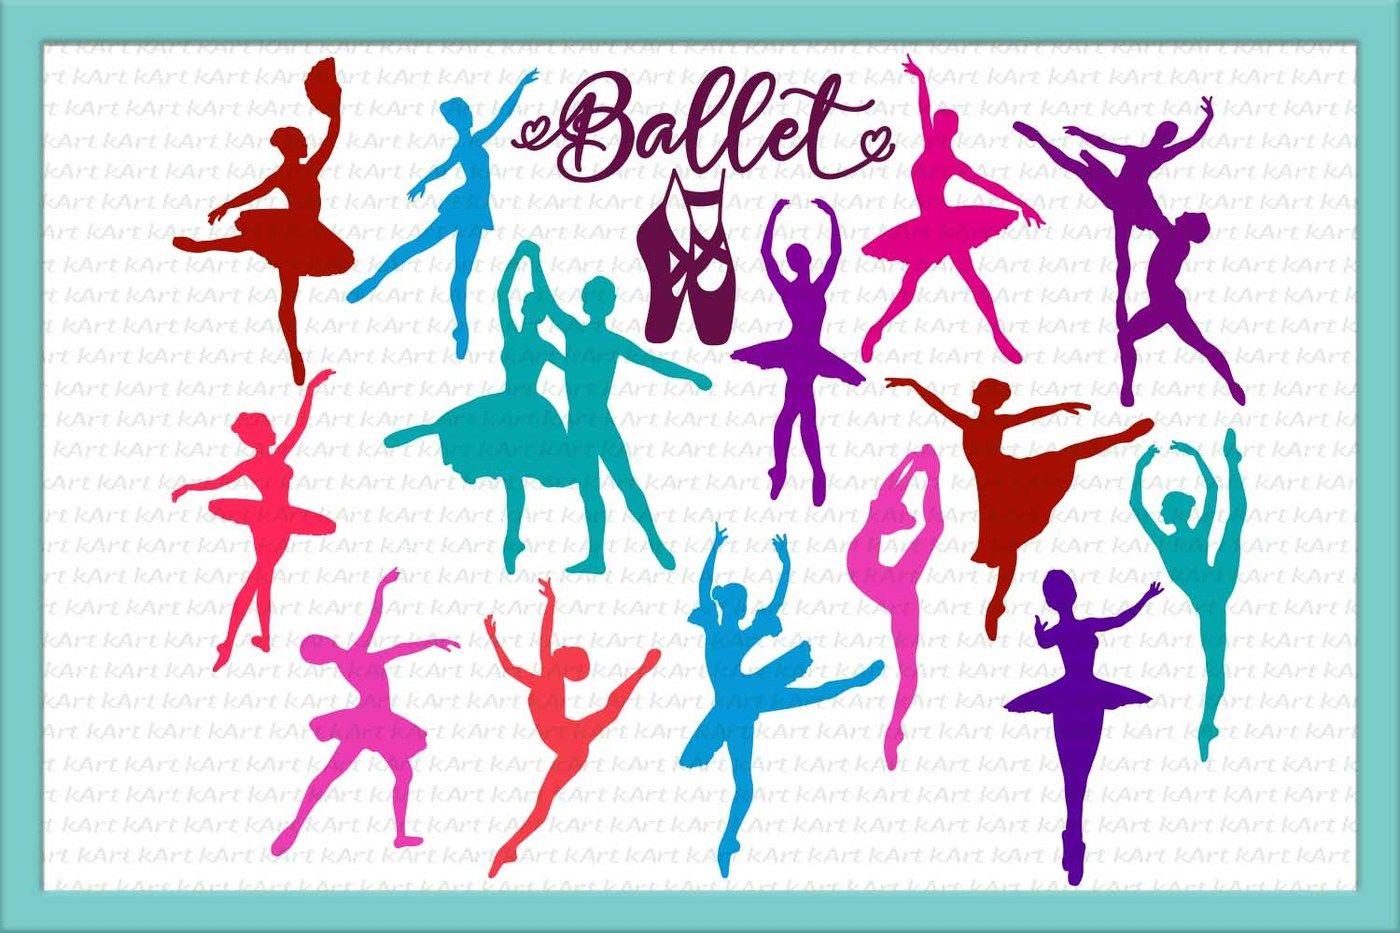 Ballet Svg Dancer Svg Dancers Svg Cut Files Ballerina Svg Ballet Shoes Svg Dance Svg Silhouette Files Ballet Clipart Dxf Eps Png By Kartcreation Thehungryjpeg Com